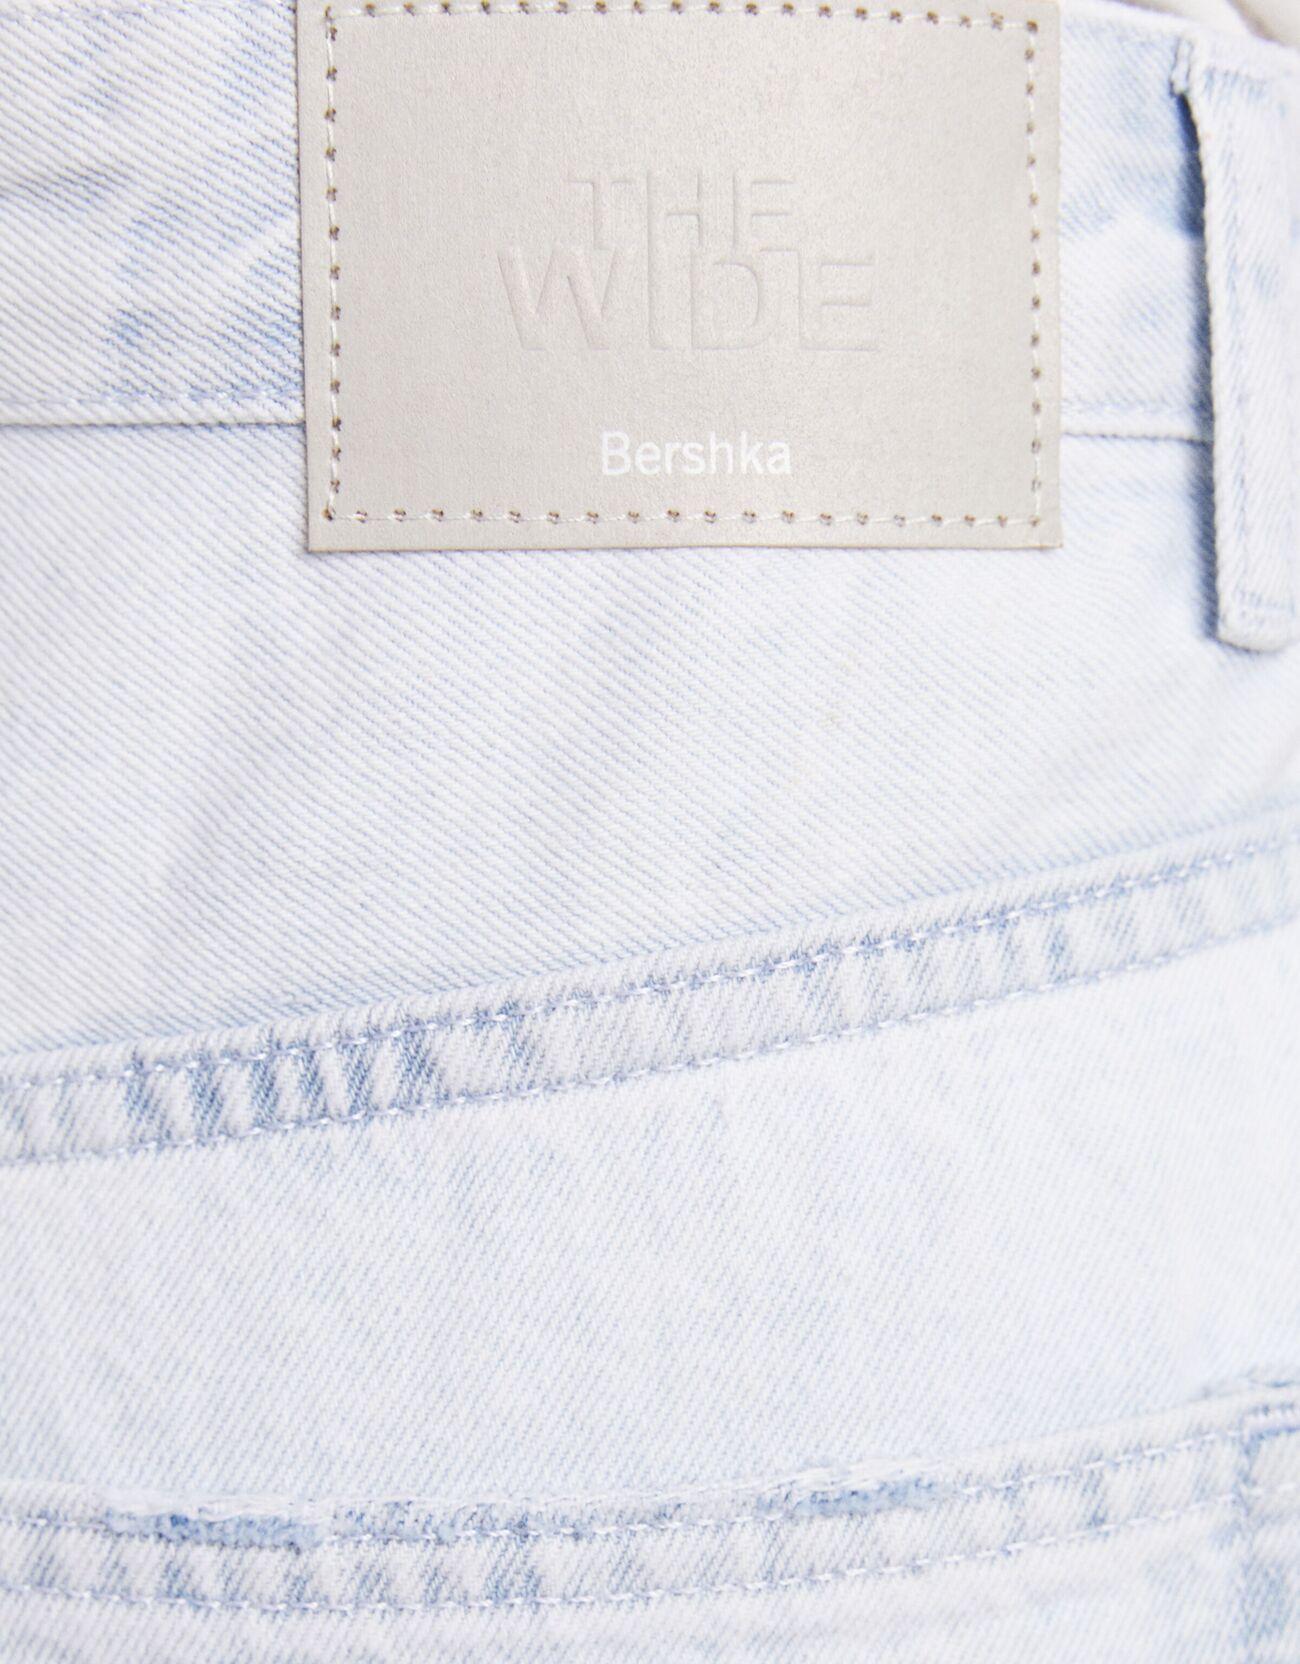 Широкие джинсы Голубой Bershka